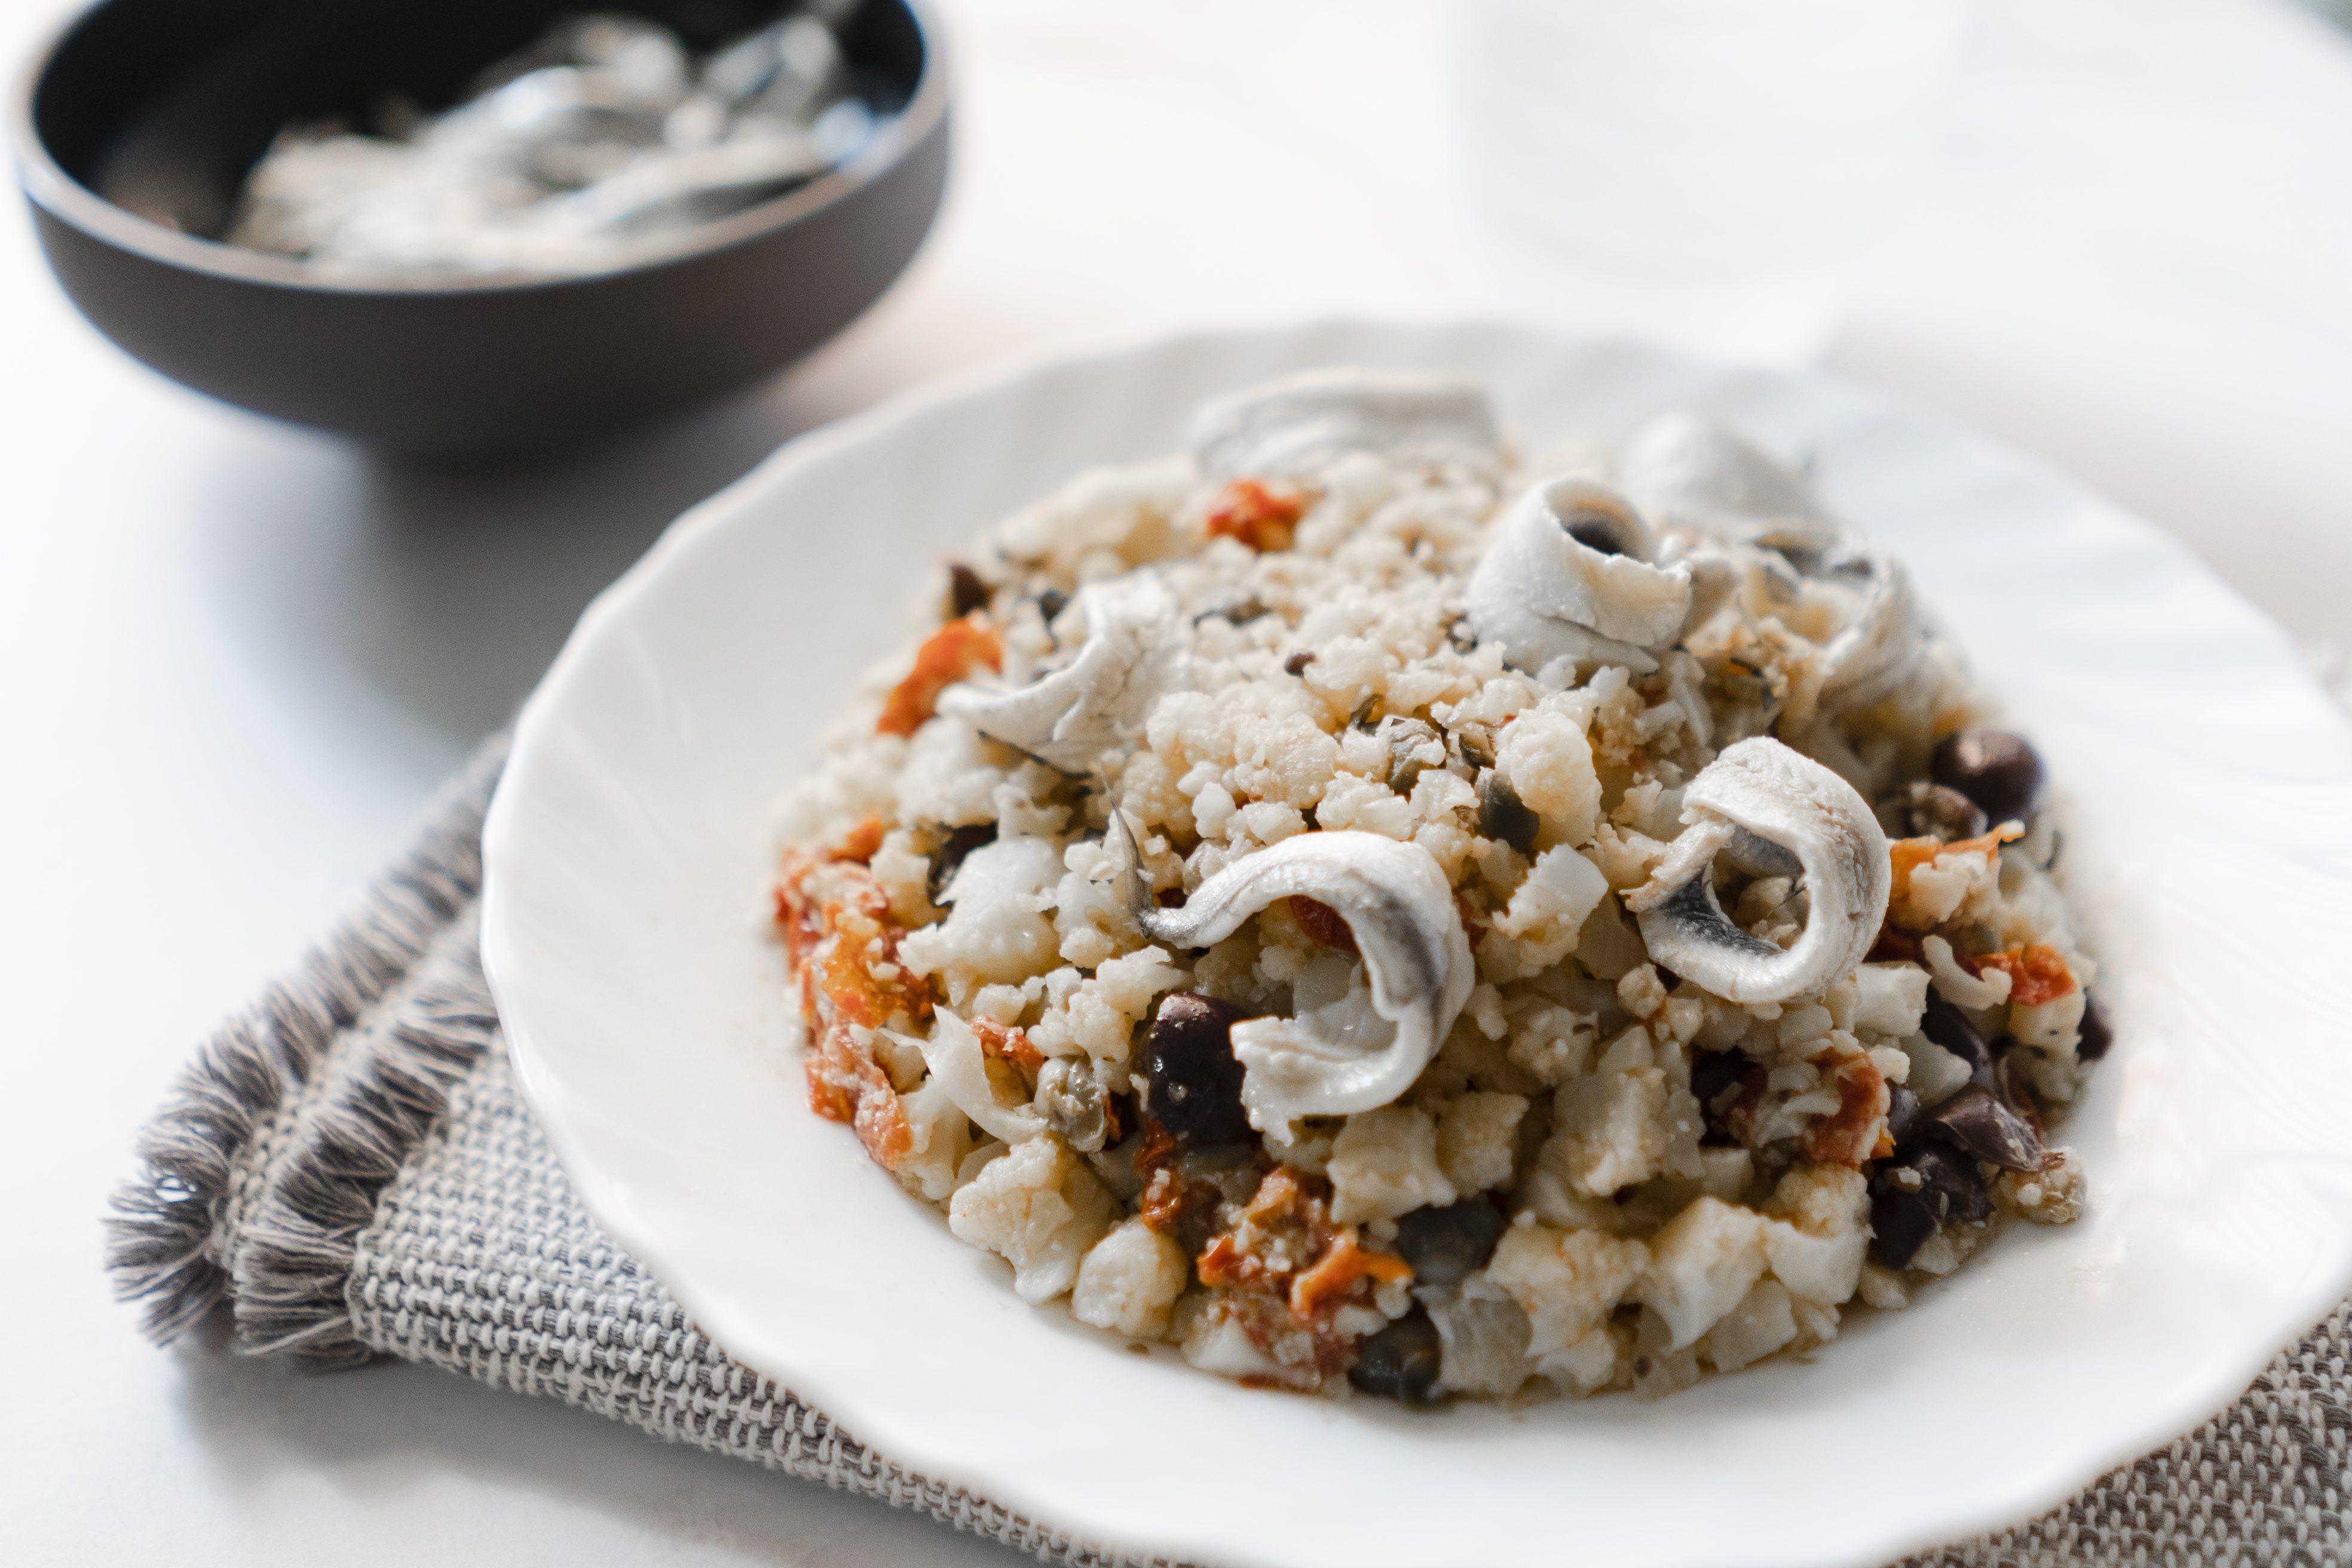 Cous cous di cavolfiore: la ricetta dell'alternativa gluten-free semplice e stuzzicante